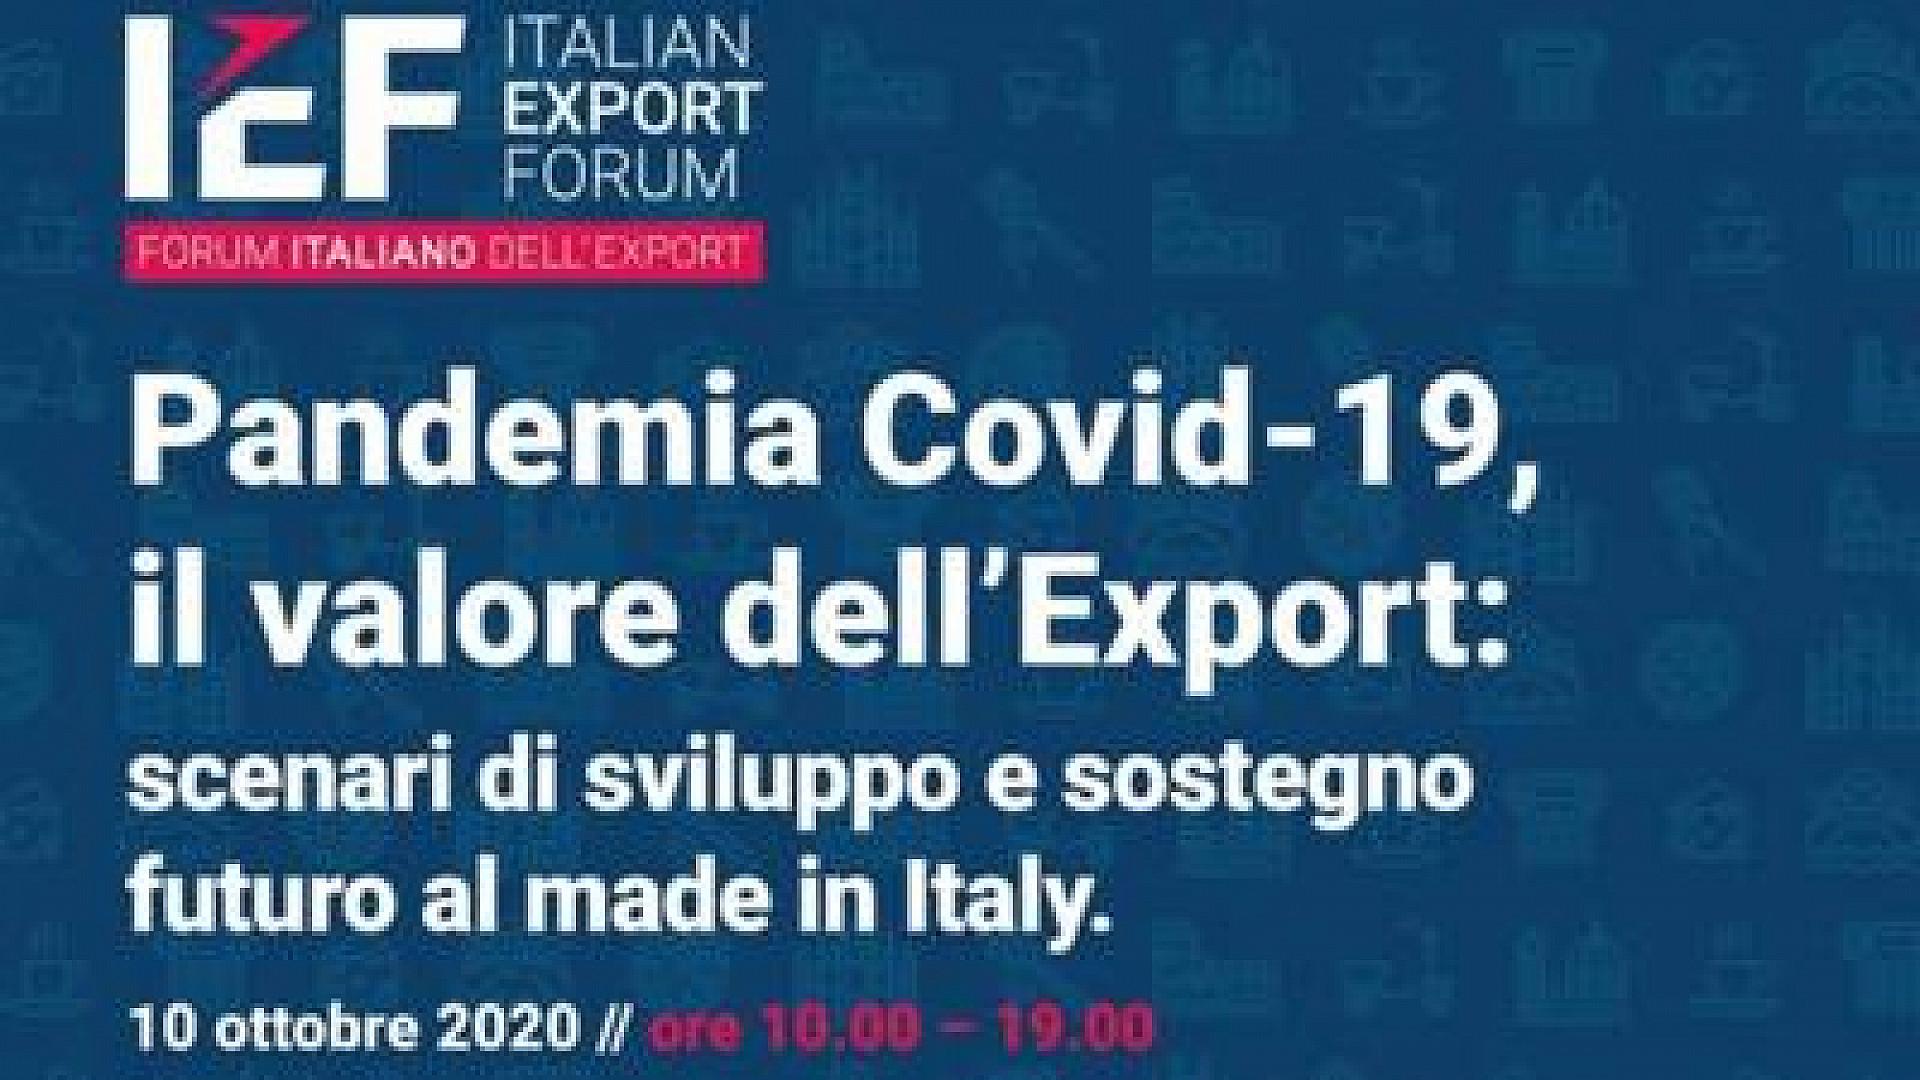 Stati Generali dell'Export: ripartire dalle persone e dall'innovatività per creare valore